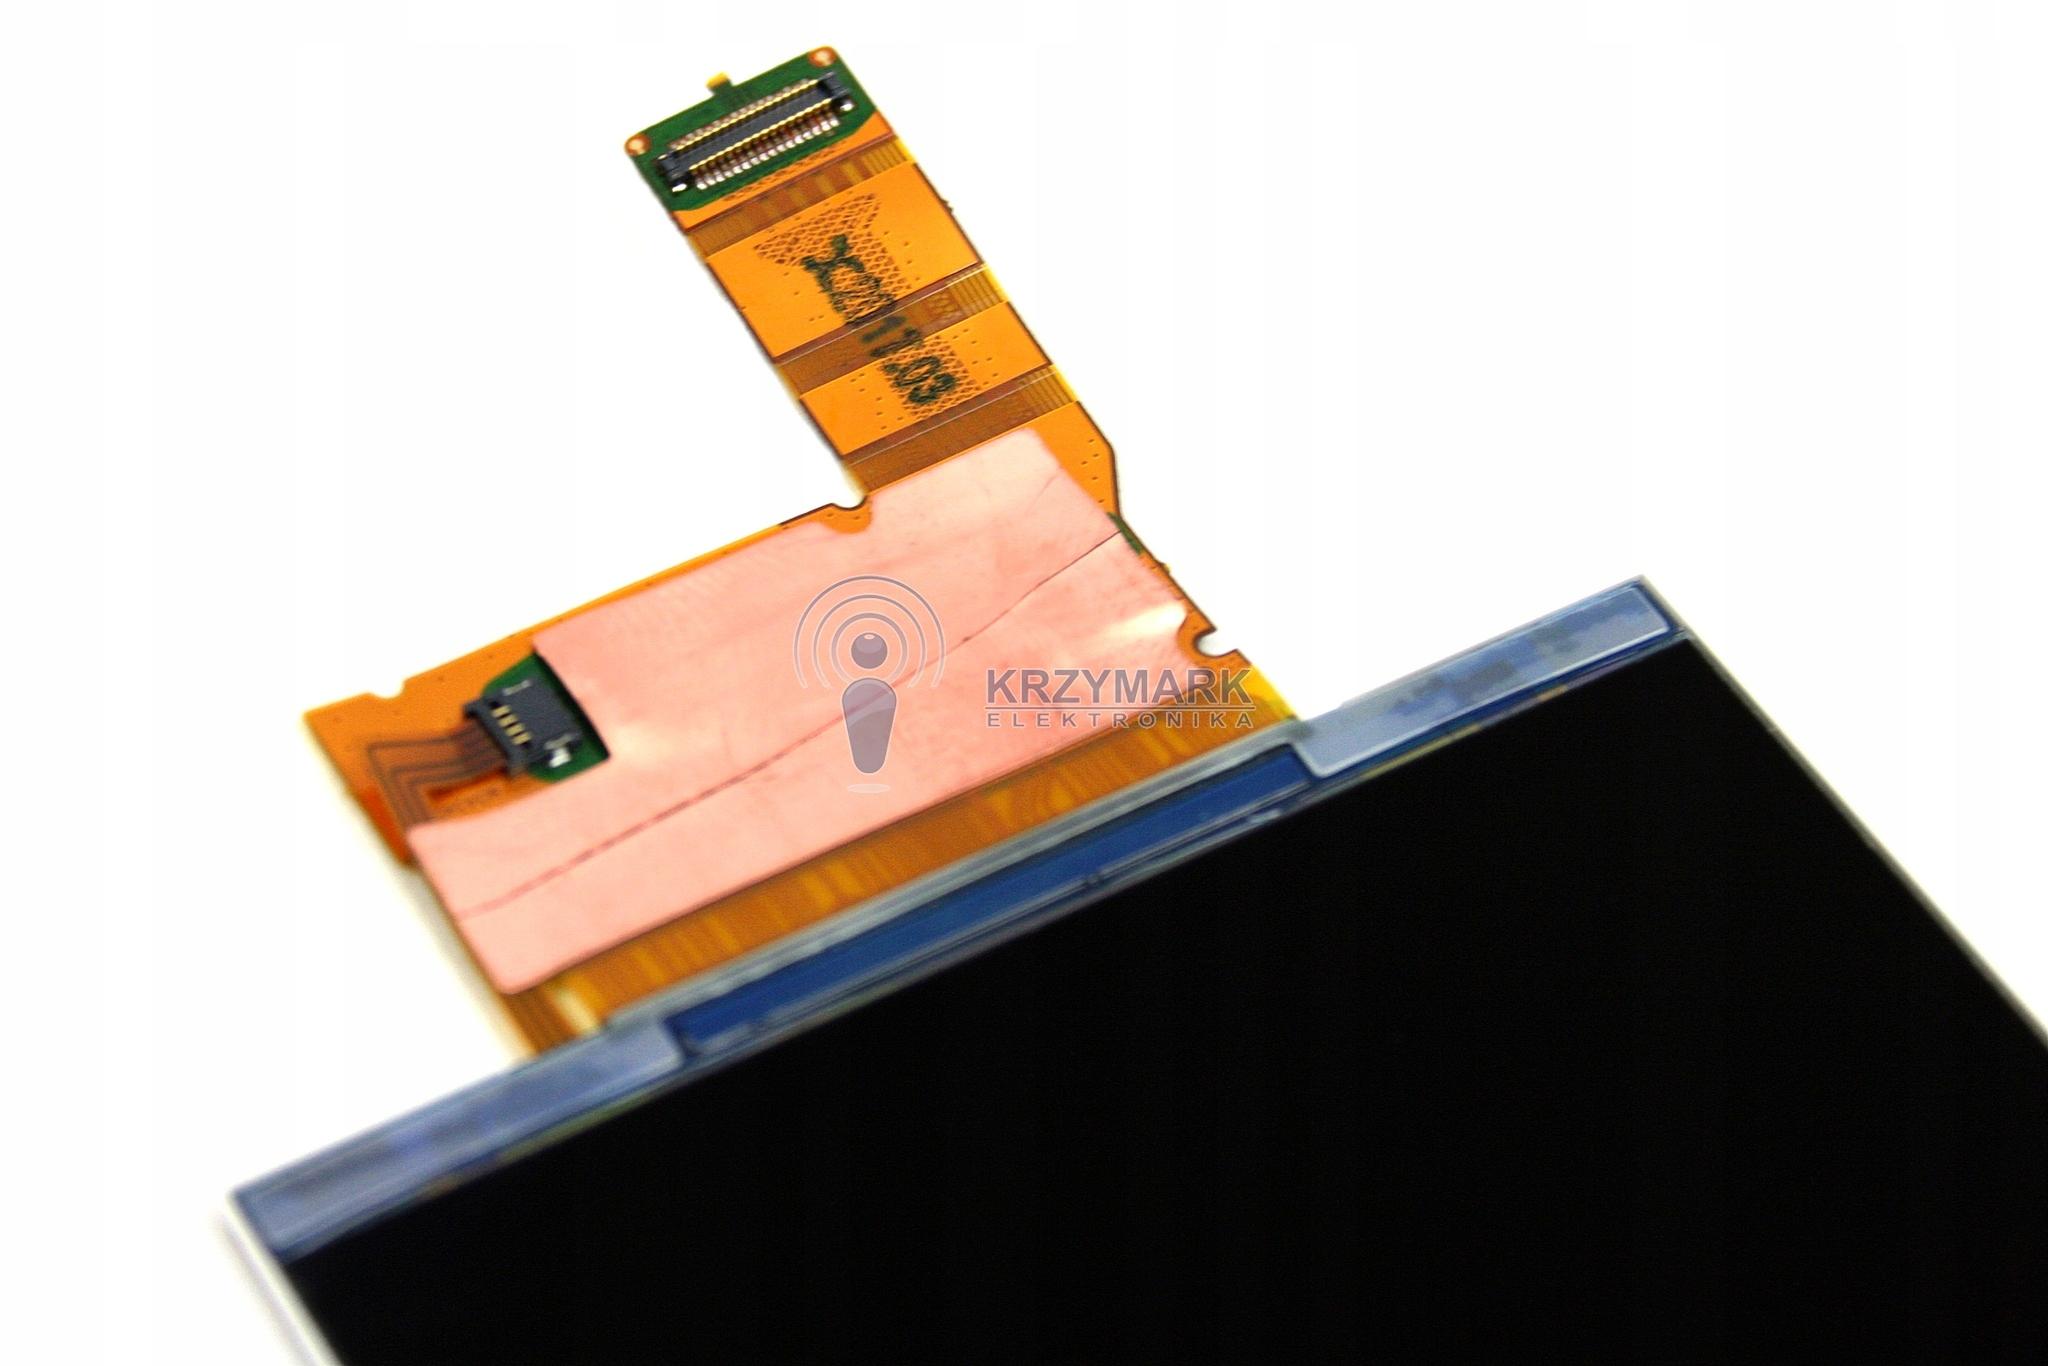 LCD WYŚWIETLACZ DO SONY XPERIA SP C5303 LTE C5302